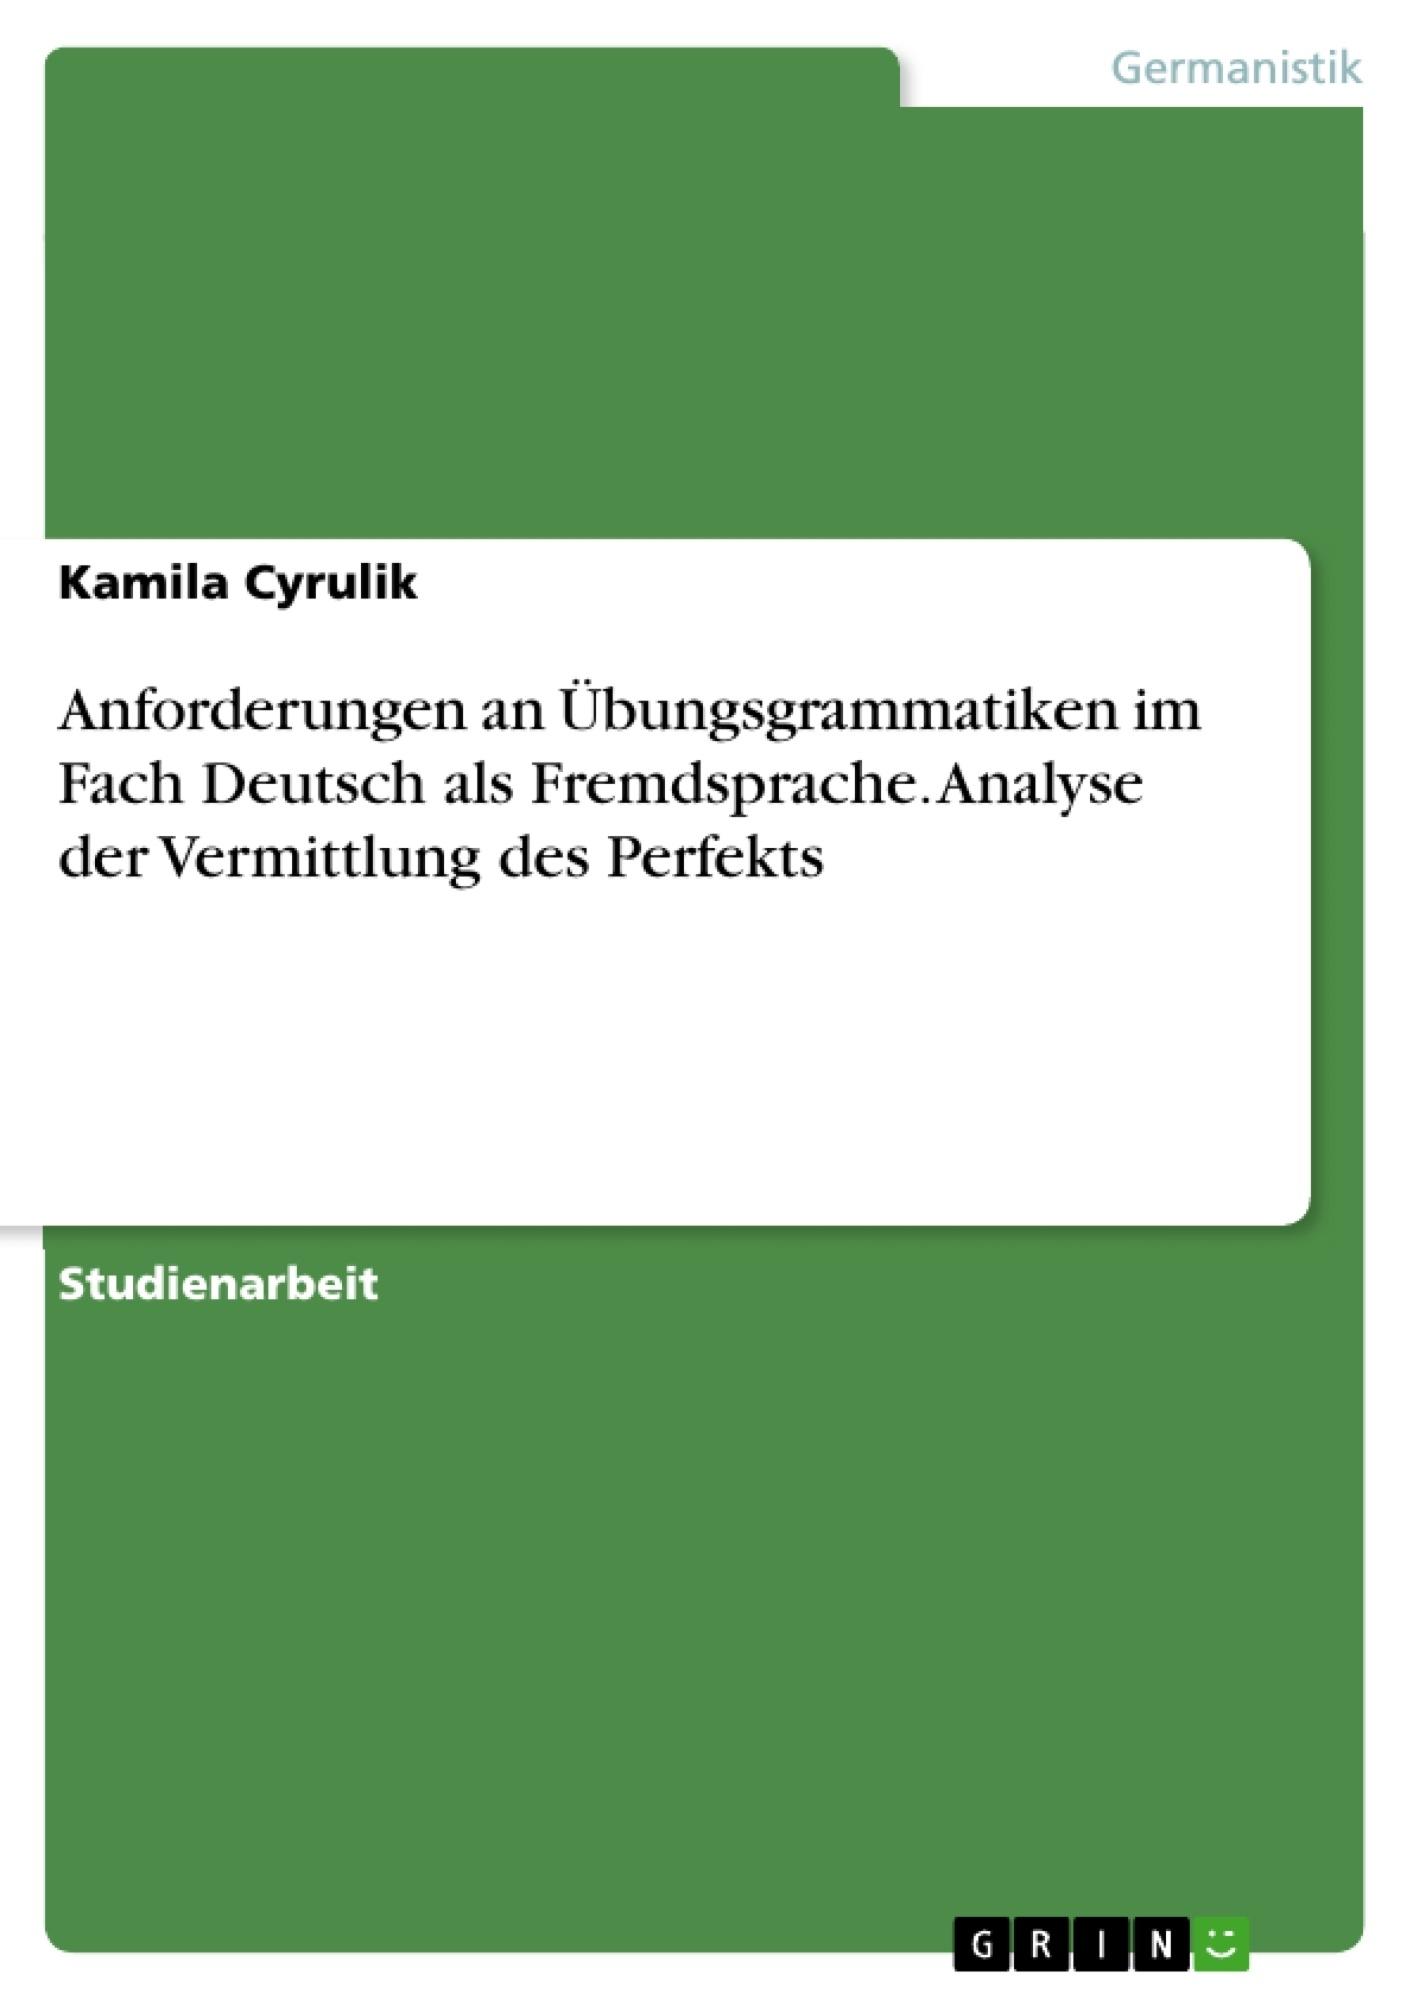 Titel: Anforderungen an Übungsgrammatiken im Fach Deutsch als Fremdsprache. Analyse der Vermittlung des Perfekts